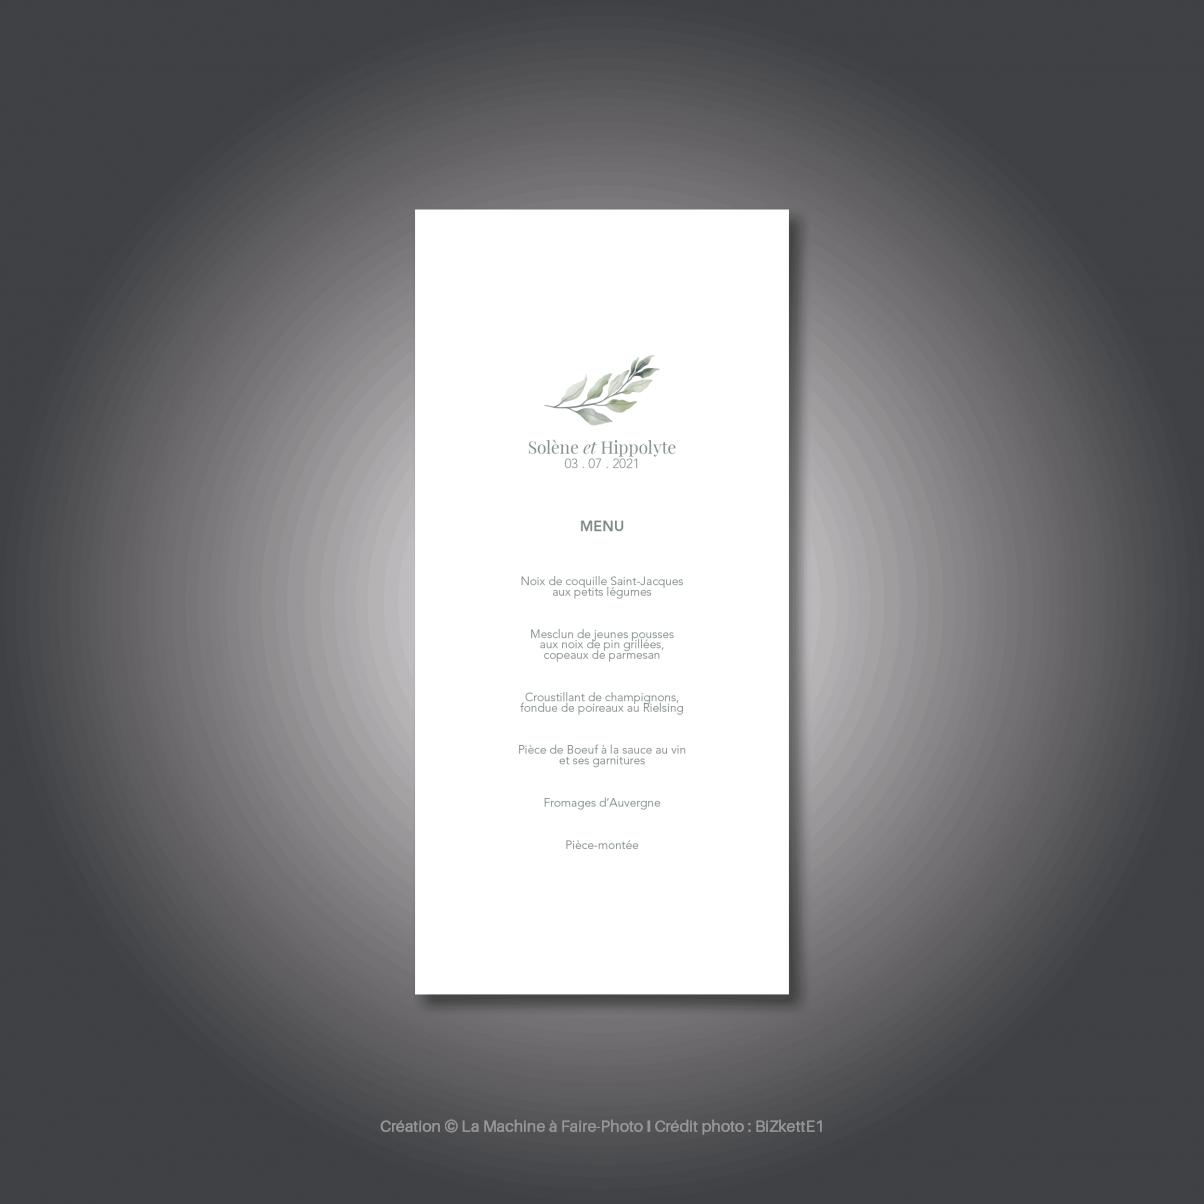 Le menu du mariage de Solène & Hippolyte